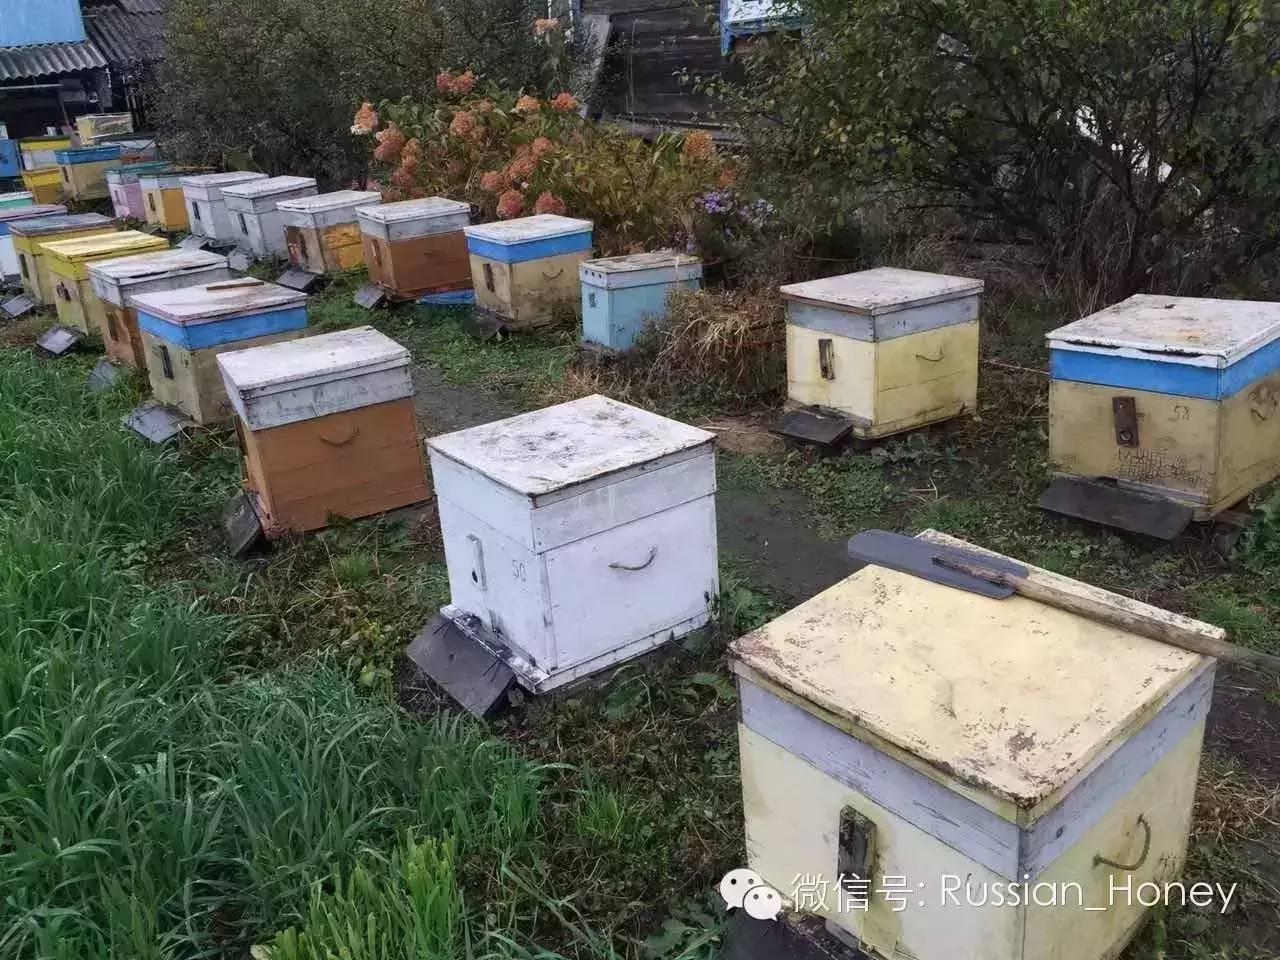 生殖系统 纯土蜂蜜 买蜂蜜 蜂蜜薯片 什么牌子的蜂蜜好